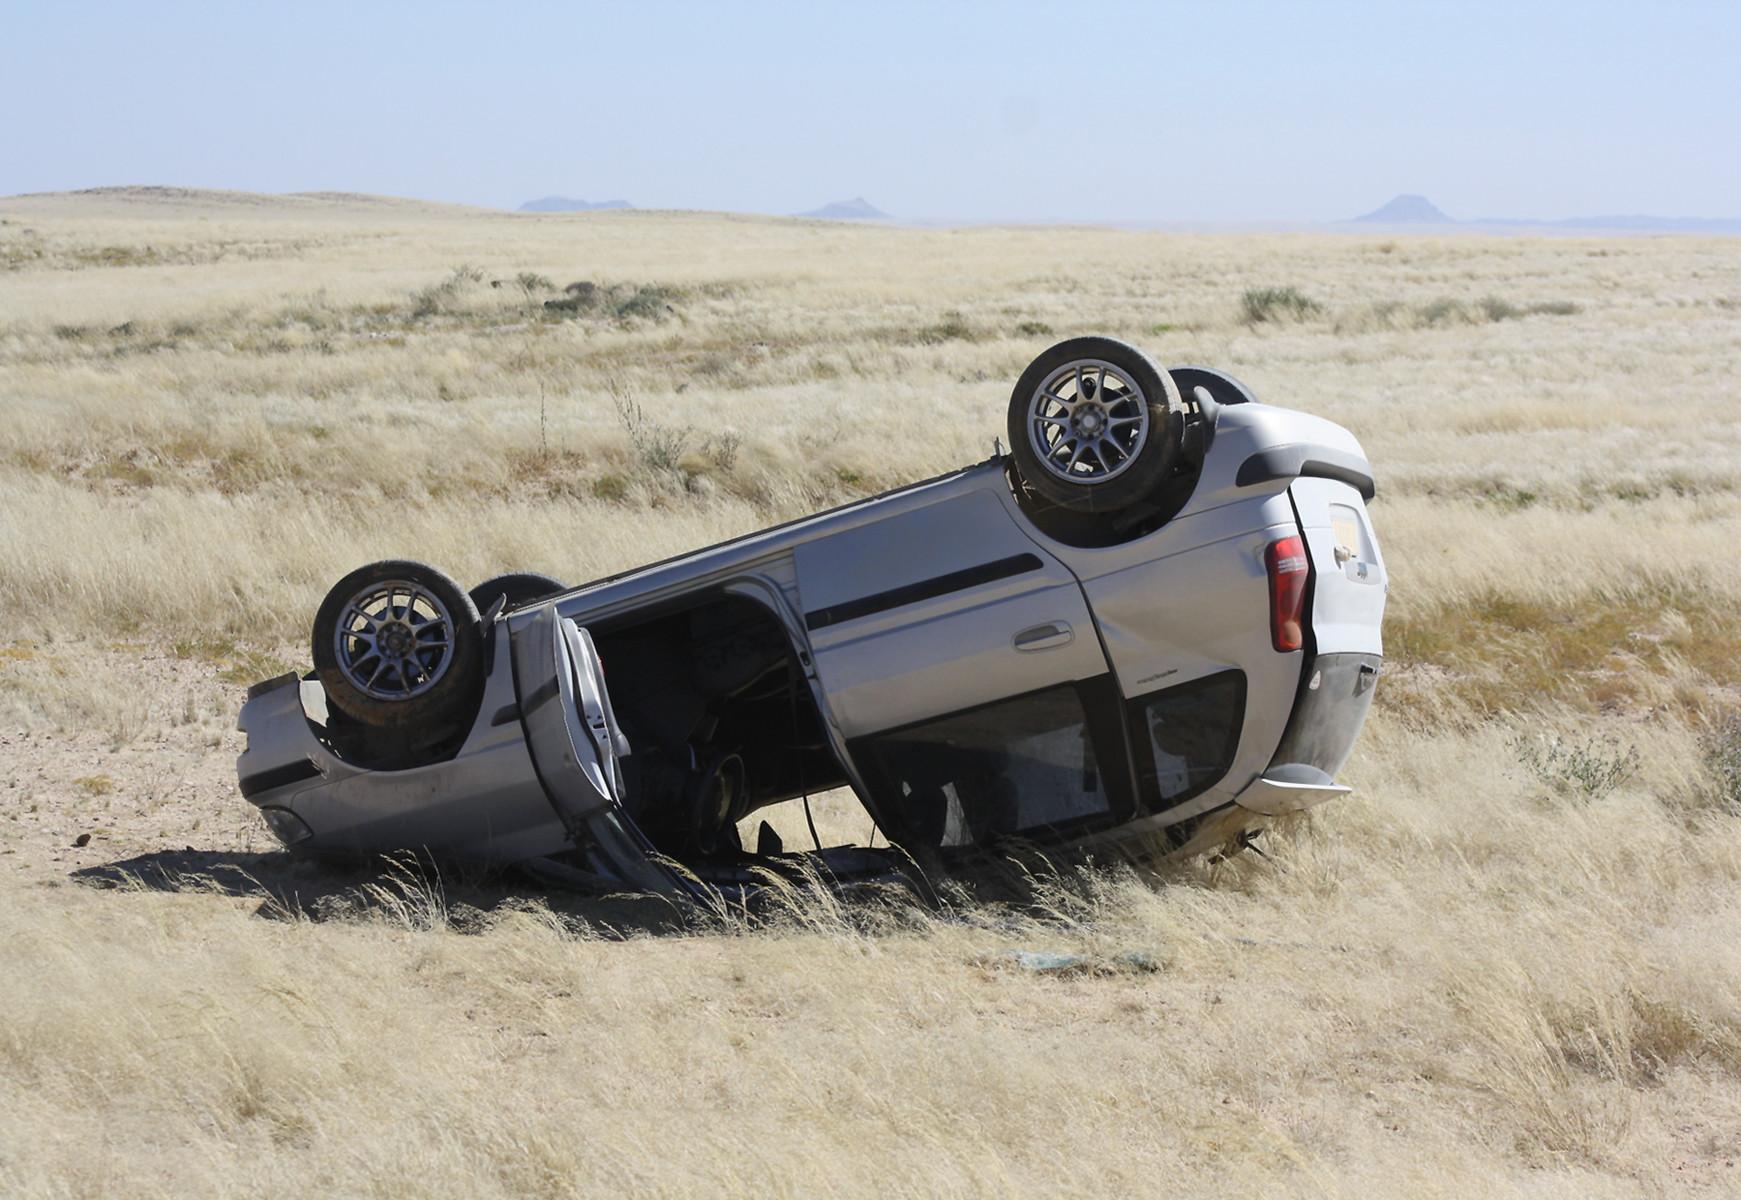 SUV volcado